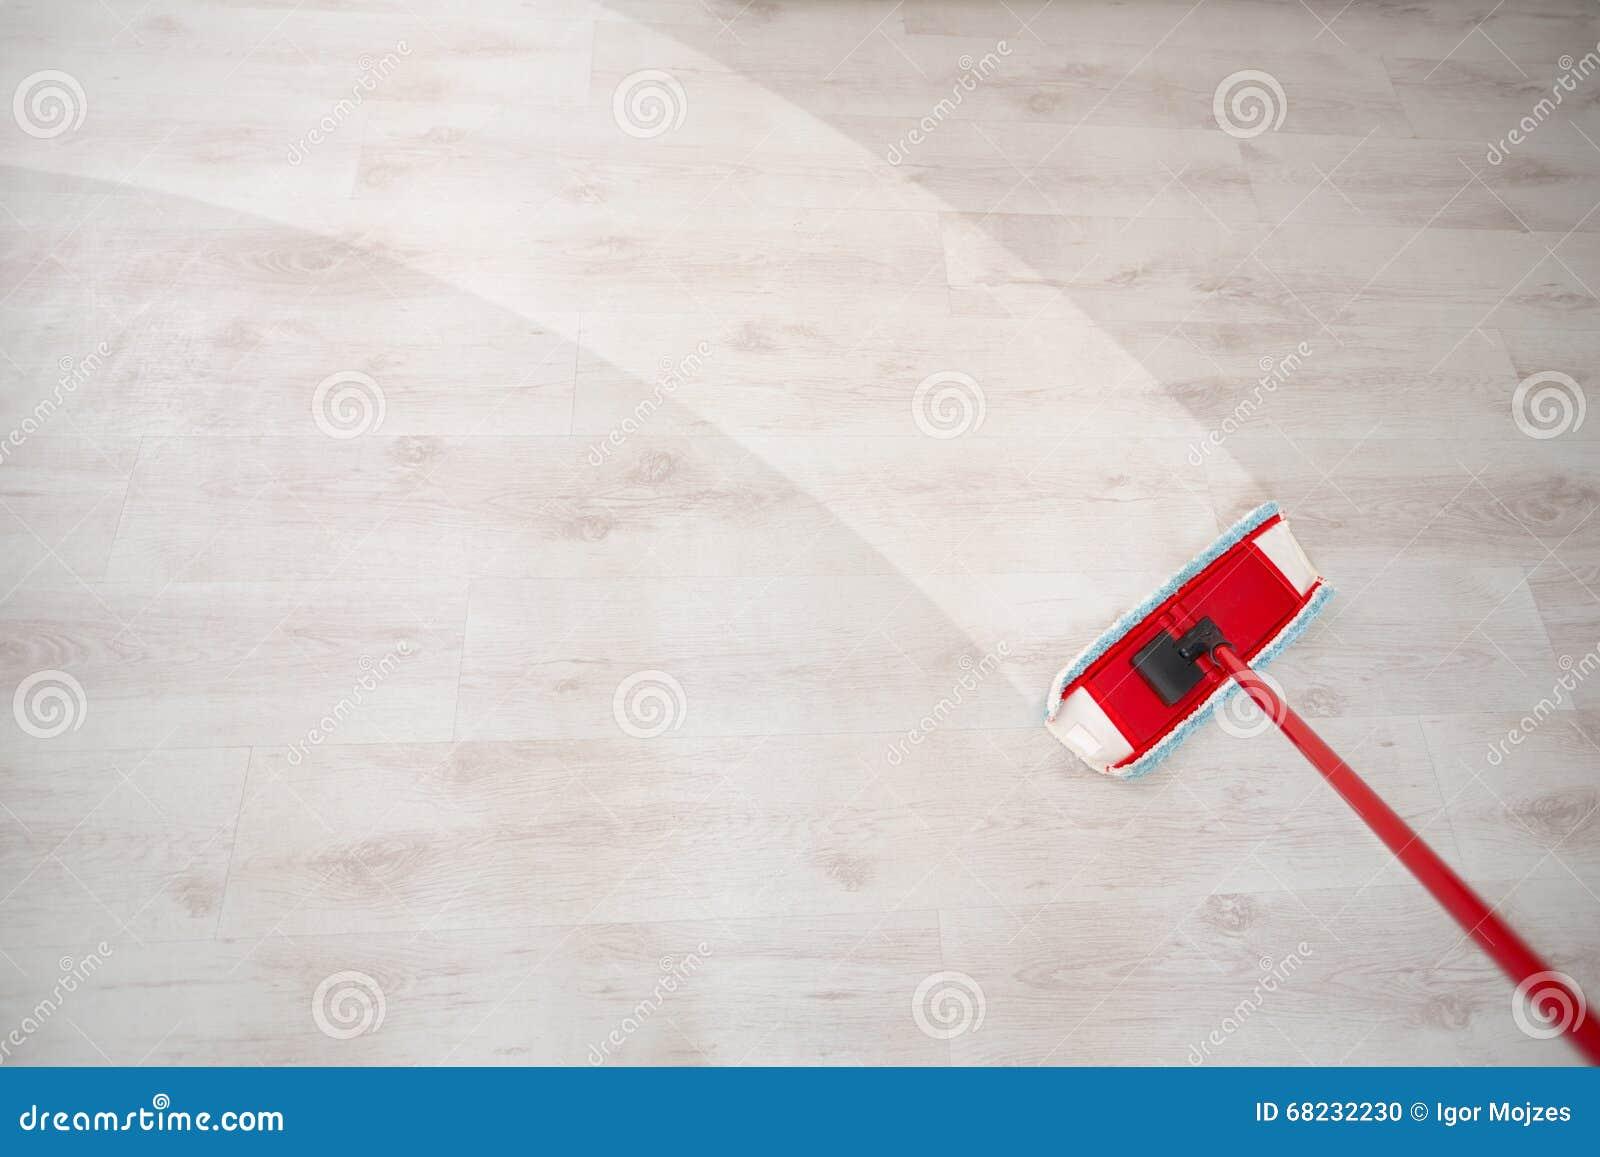 Barrido del piso y limpieza